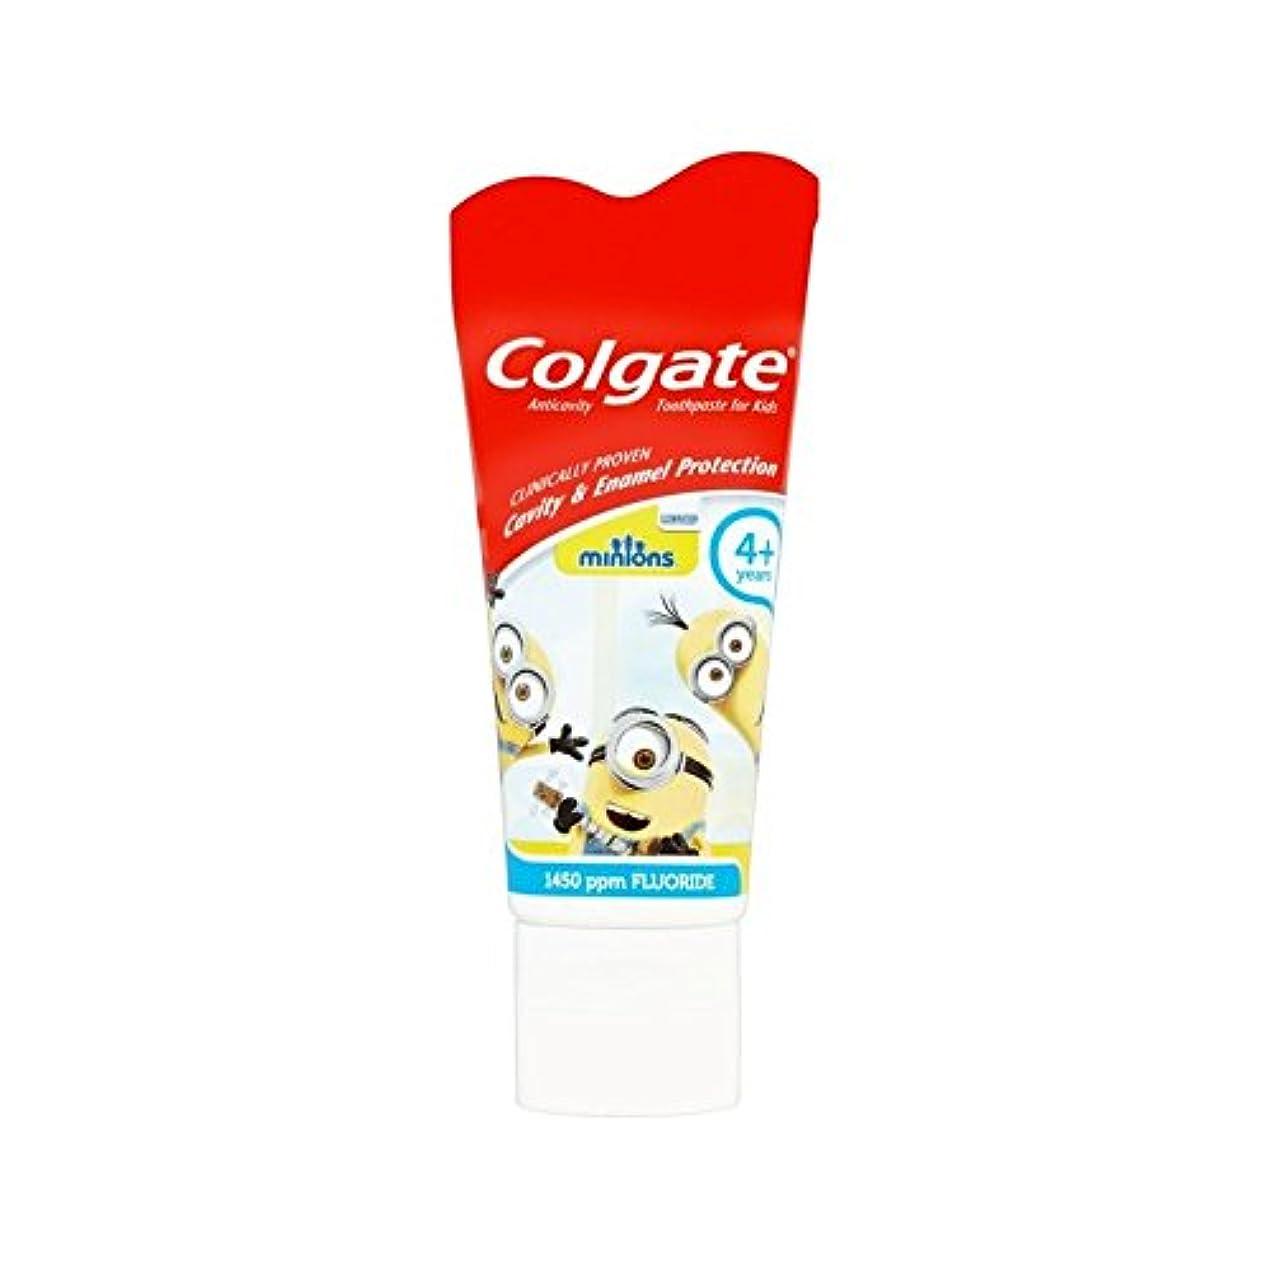 チート宮殿年金受給者手下の子供4+歯磨き粉50ミリリットル (Colgate) - Colgate Minions Kids 4+ Toothpaste 50ml [並行輸入品]